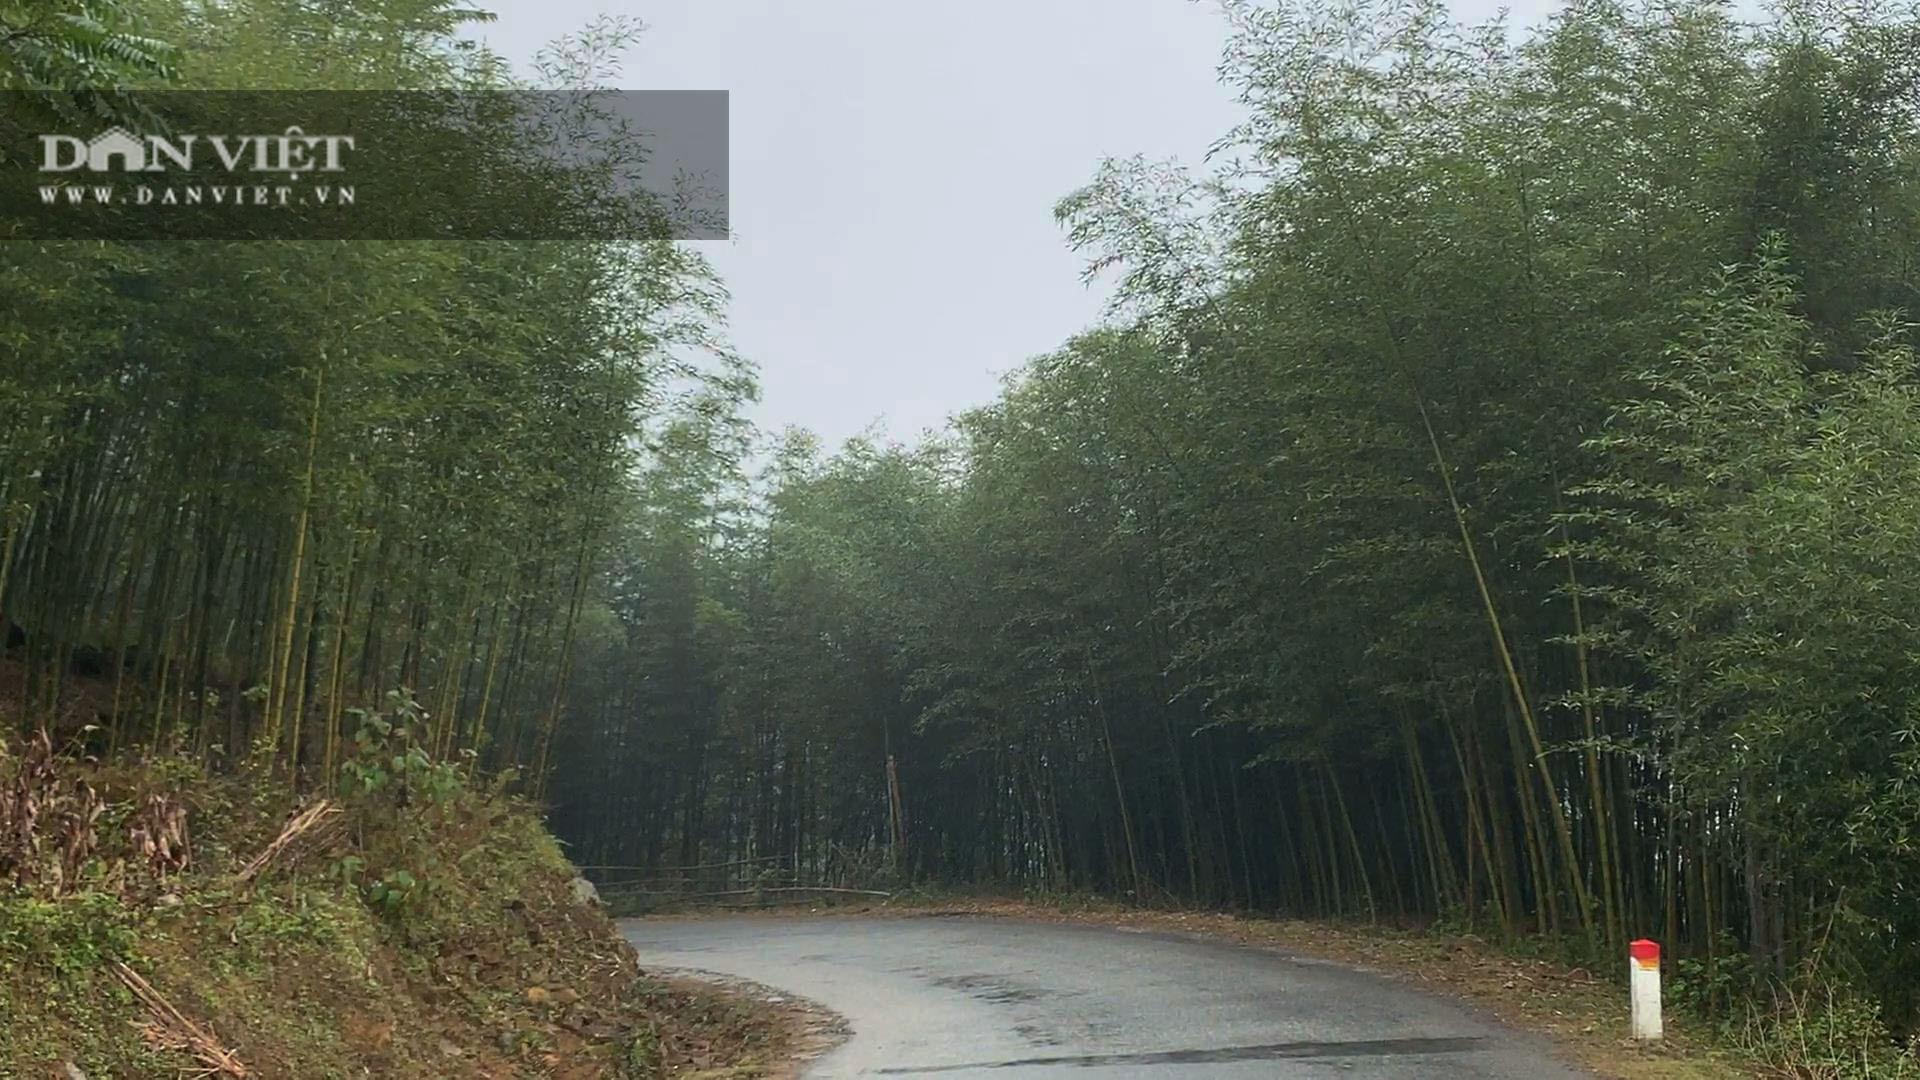 Cao Bằng: Trồng loài cây có đốt, một lần trồng mọc lan cả rừng, nông dân ở đây rủng rỉnh tiền - Ảnh 2.